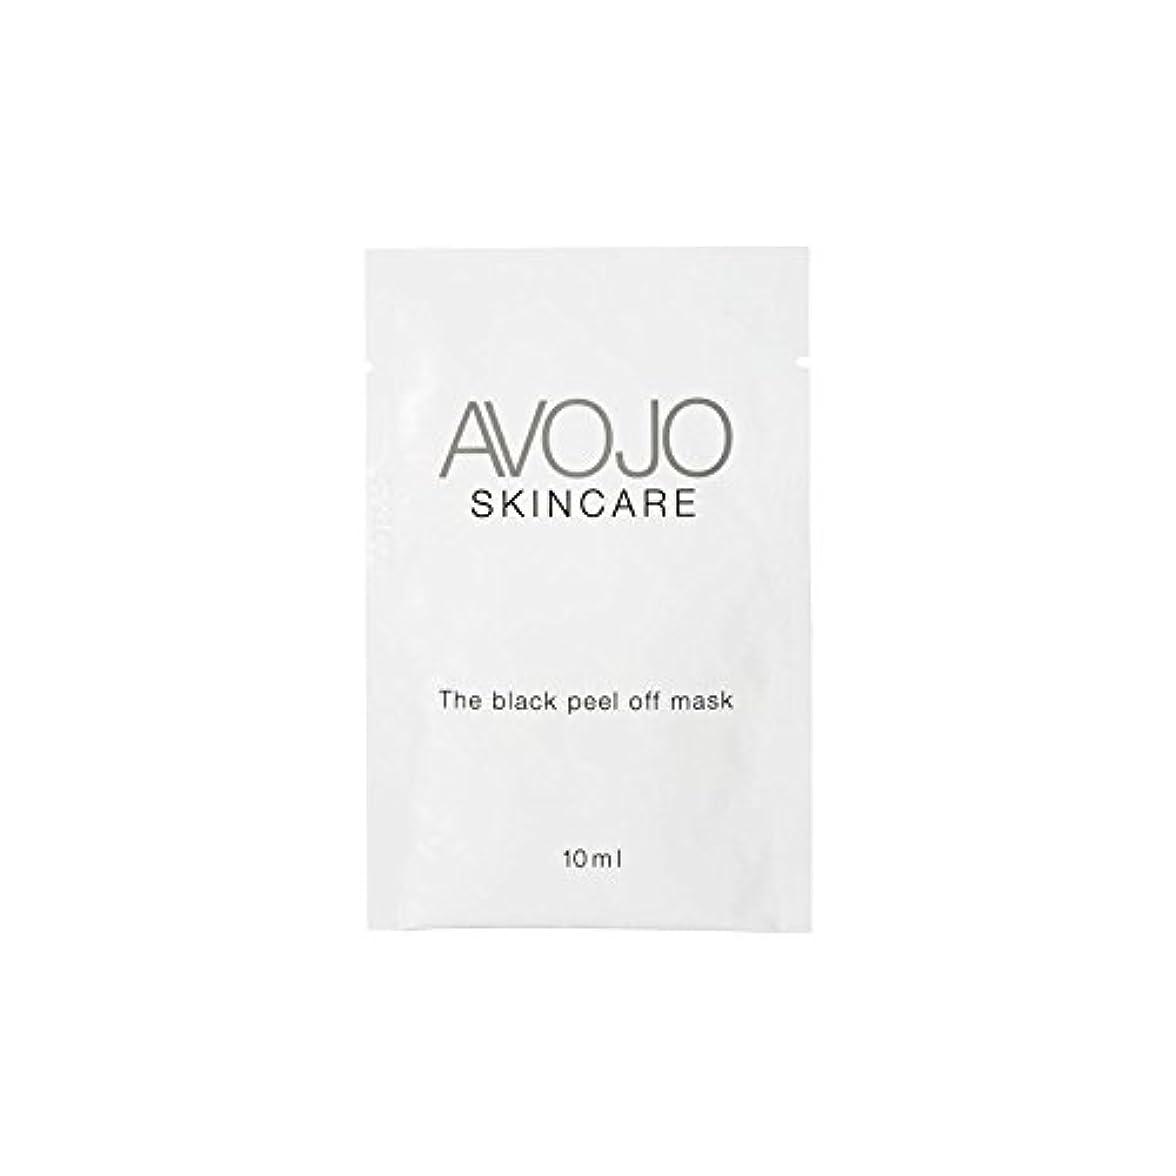 ジェムたぶん堤防- ブラックピールオフマスク - 小袋(10ミリリットル×4) x4 - Avojo - The Black Peel Off Mask - Sachet (10ml X 4) (Pack of 4) [並行輸入品]